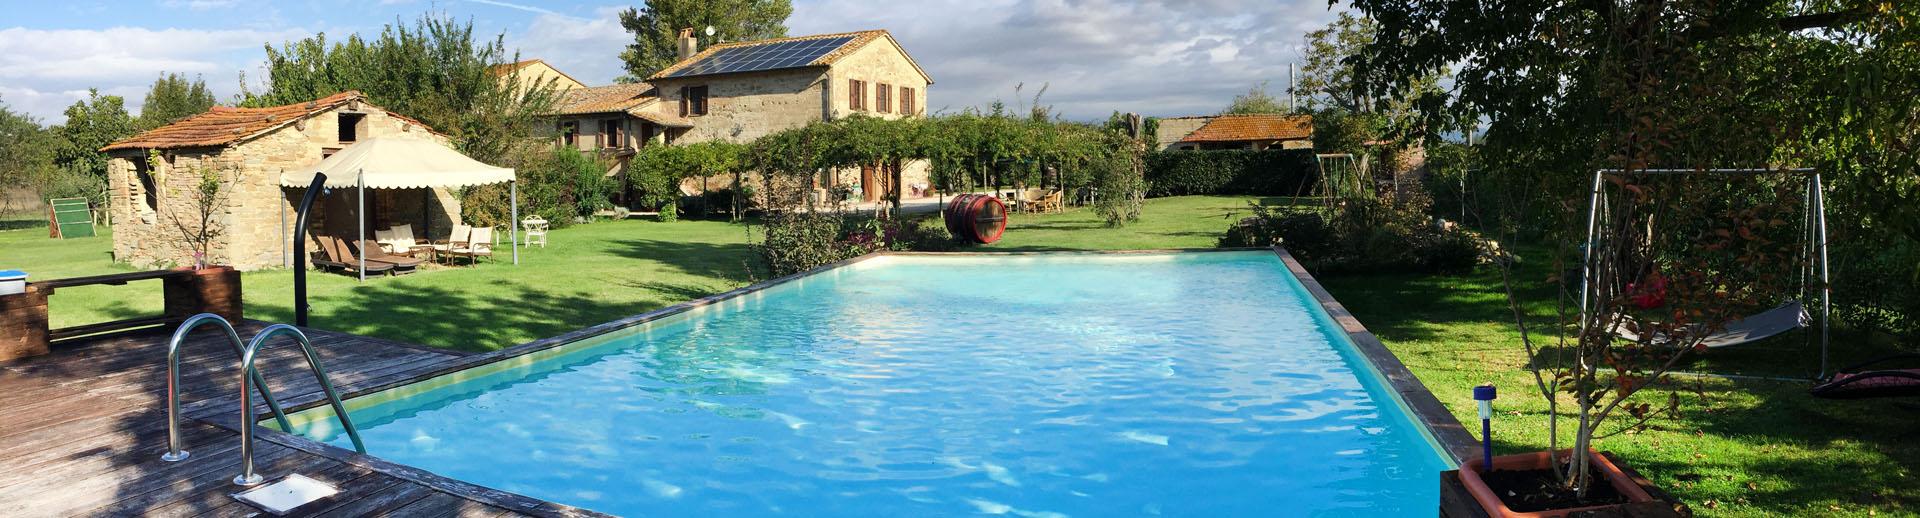 River Melody vacanza in Umbria tra Perugia e Assisi.